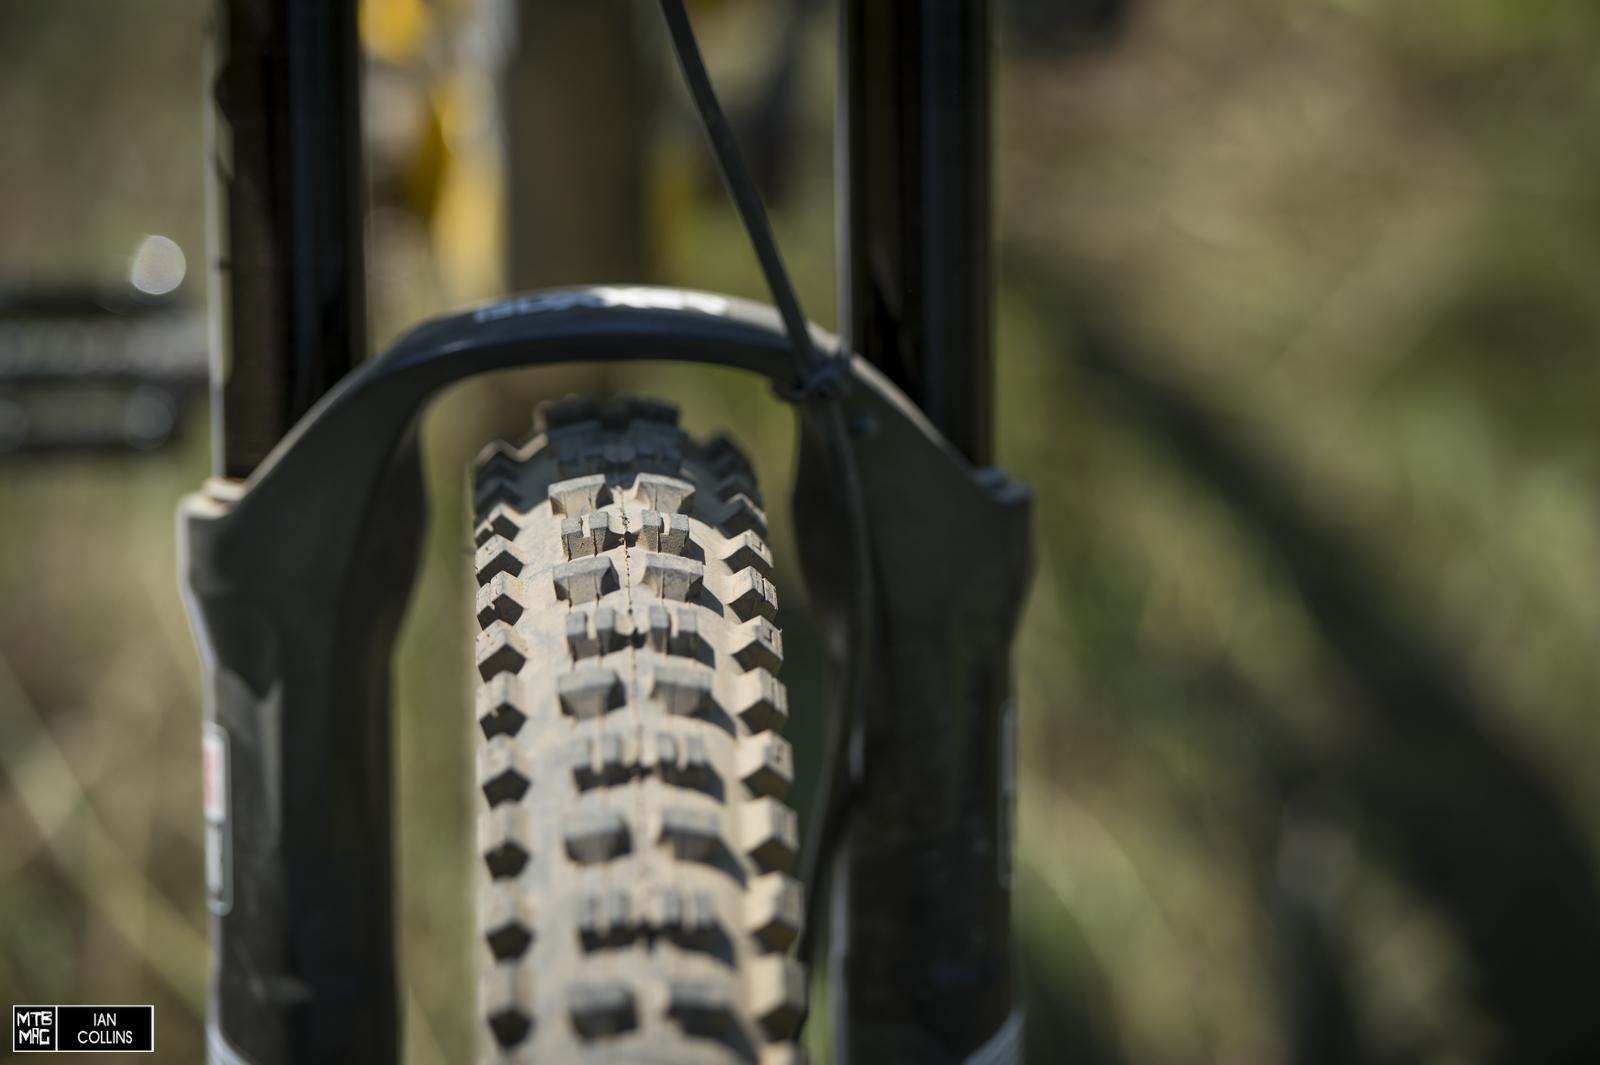 Bontrager G5 tires.